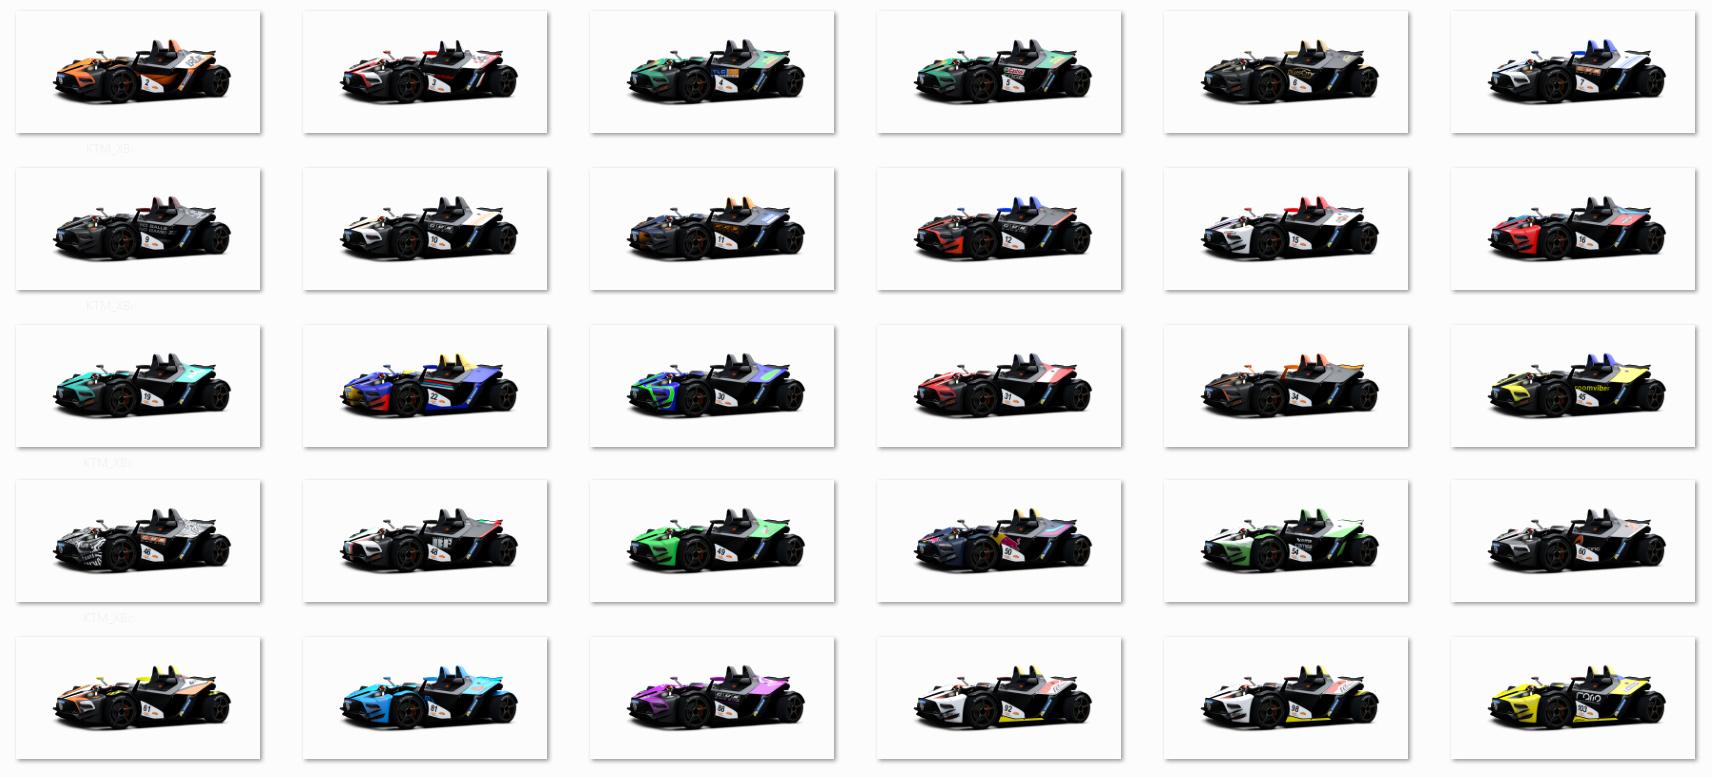 RaceRoom KTM X-Bow RR Skin Pack.jpg